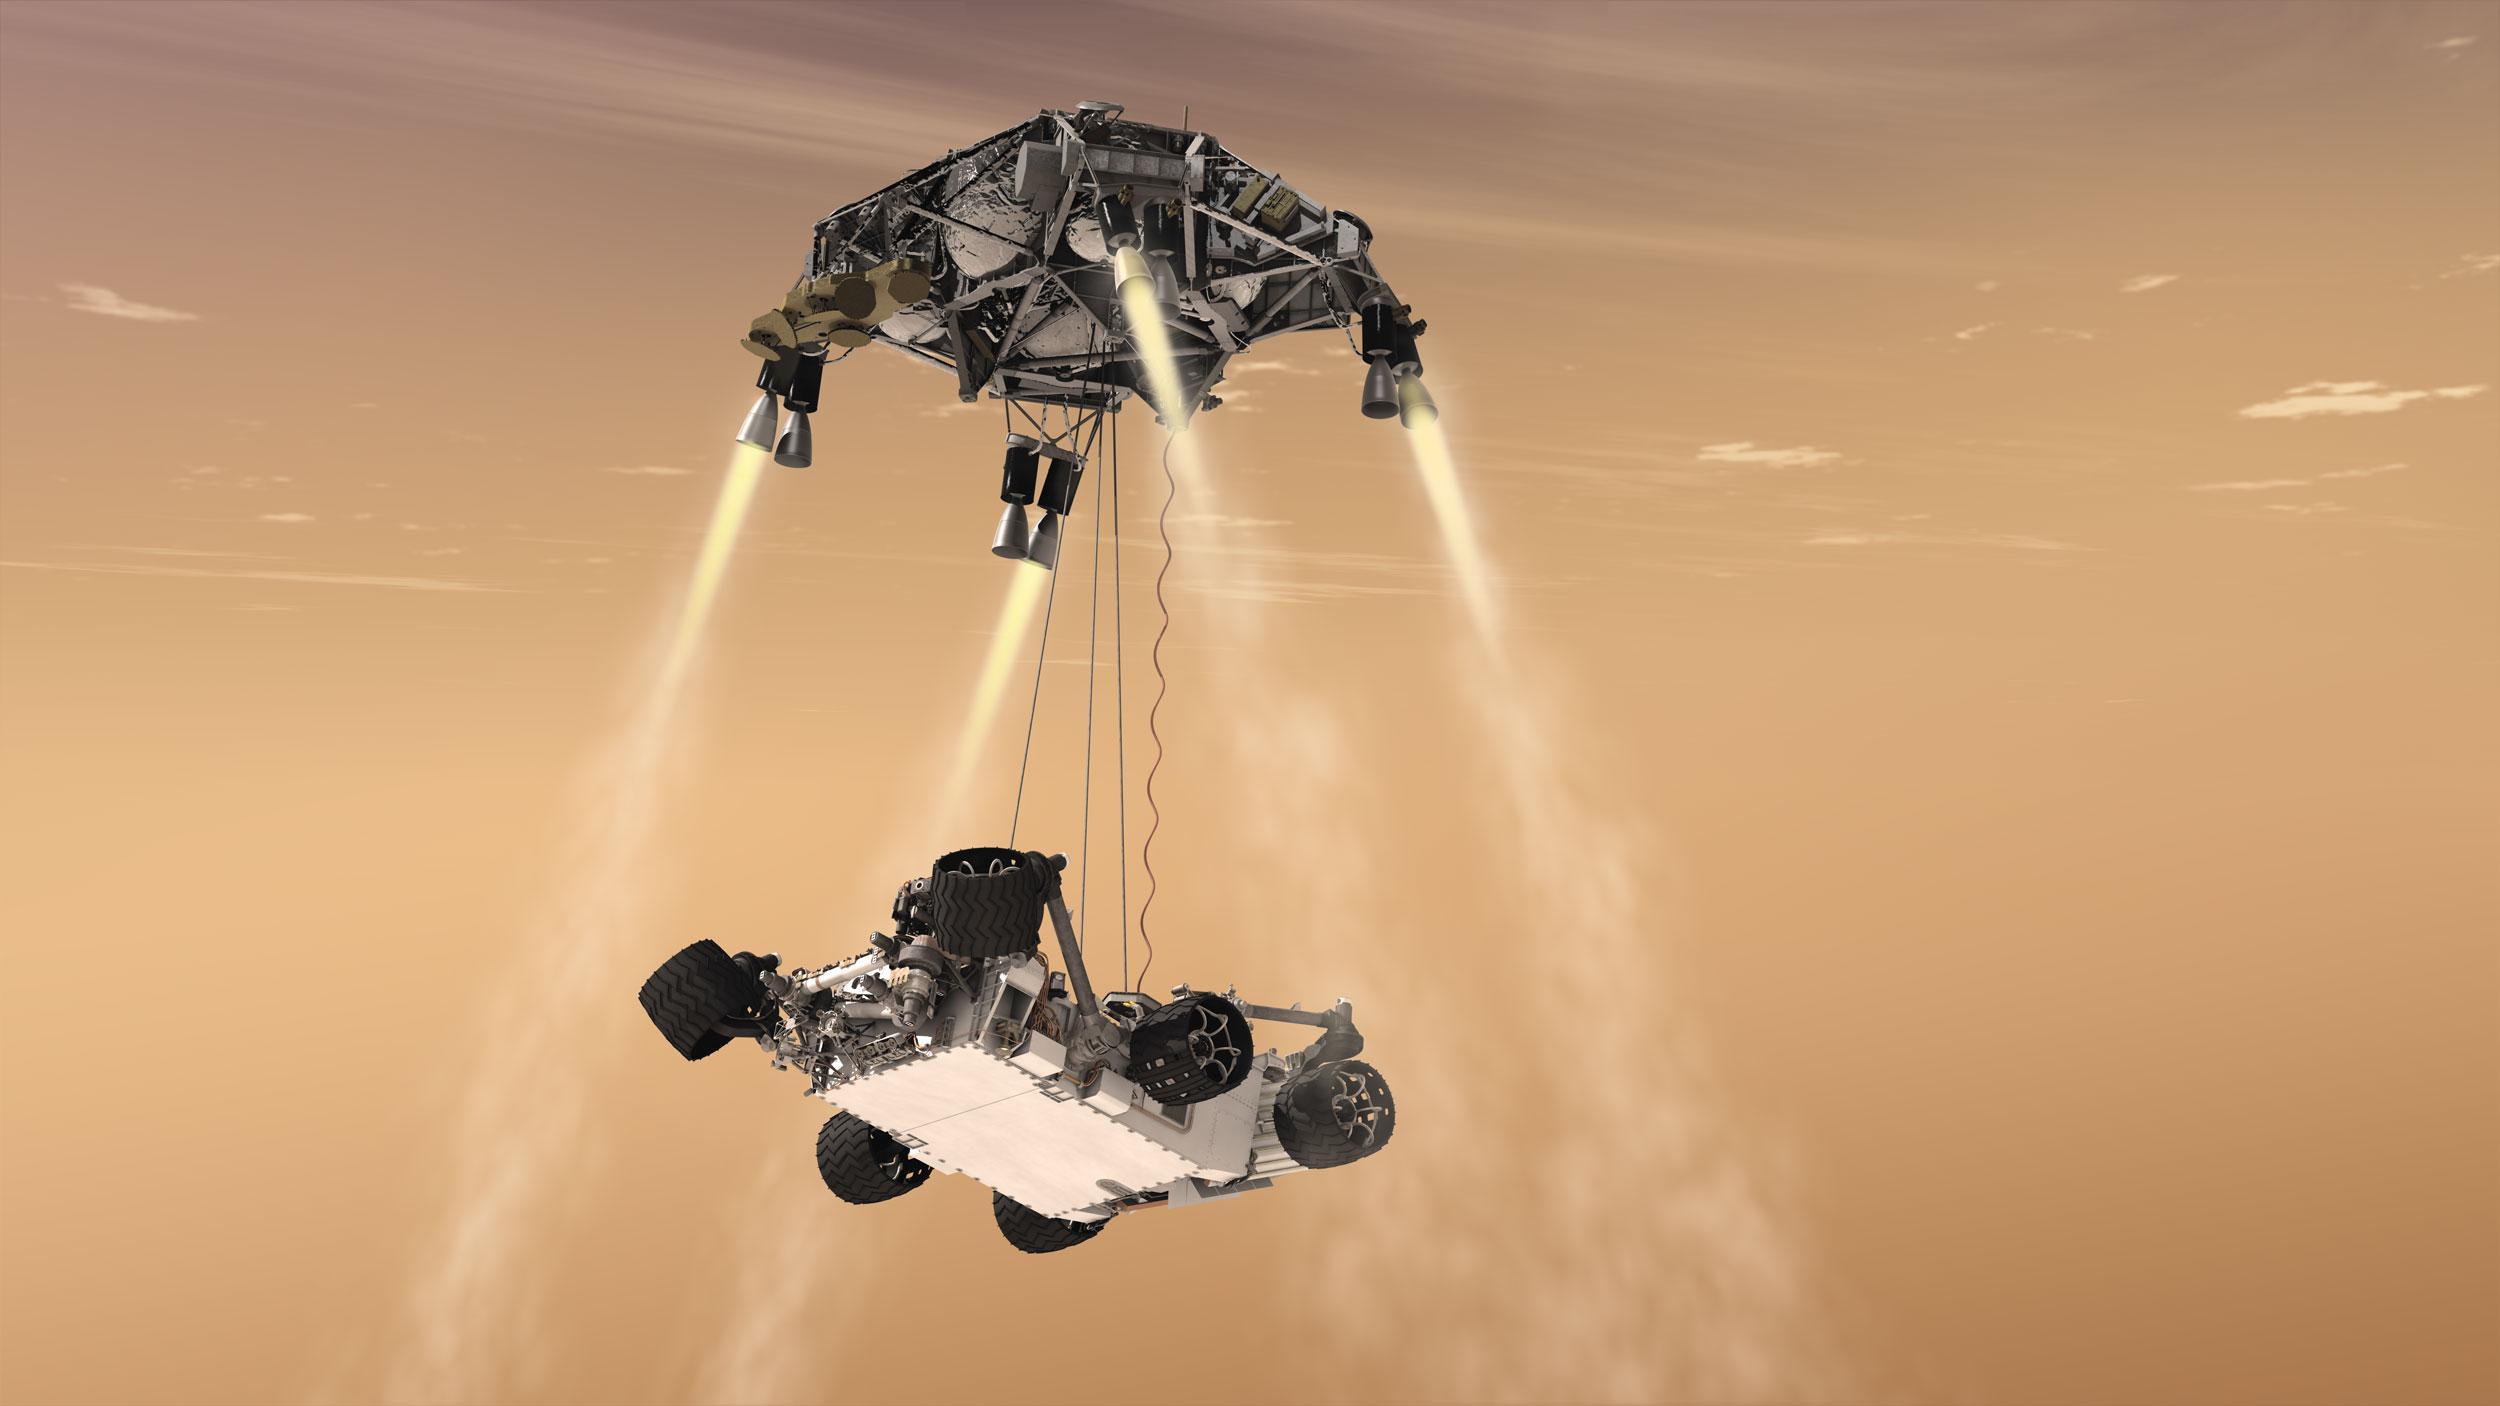 mars rover sky crane - photo #1